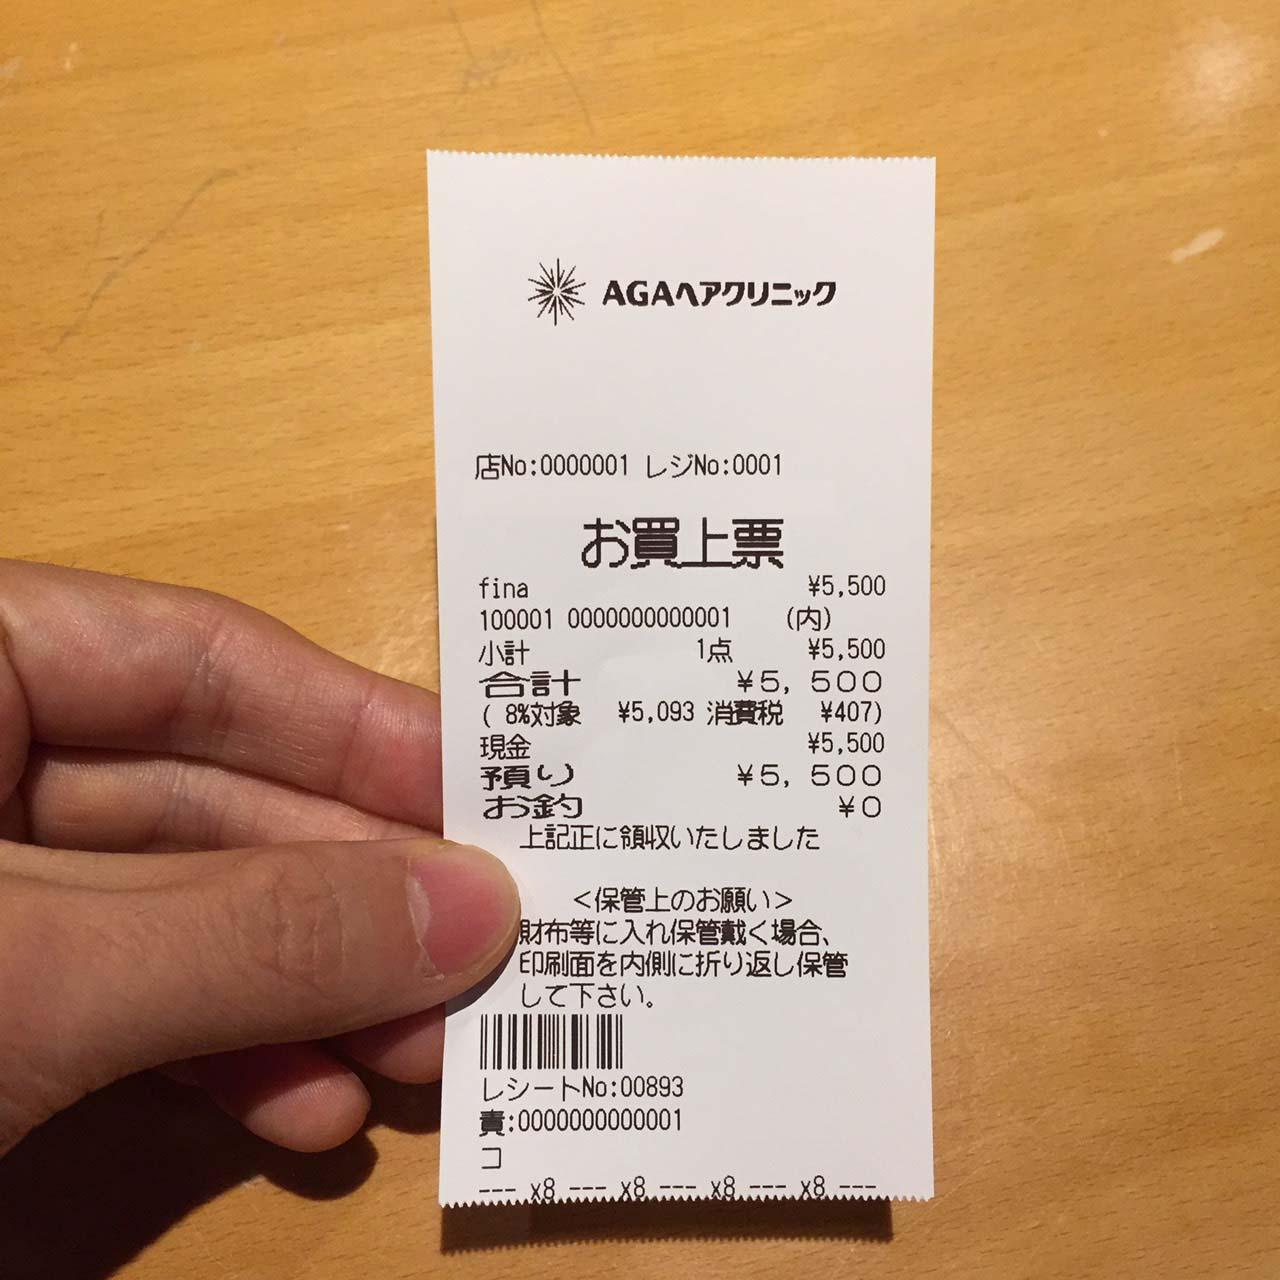 治療費(料金価格)5,500円コース